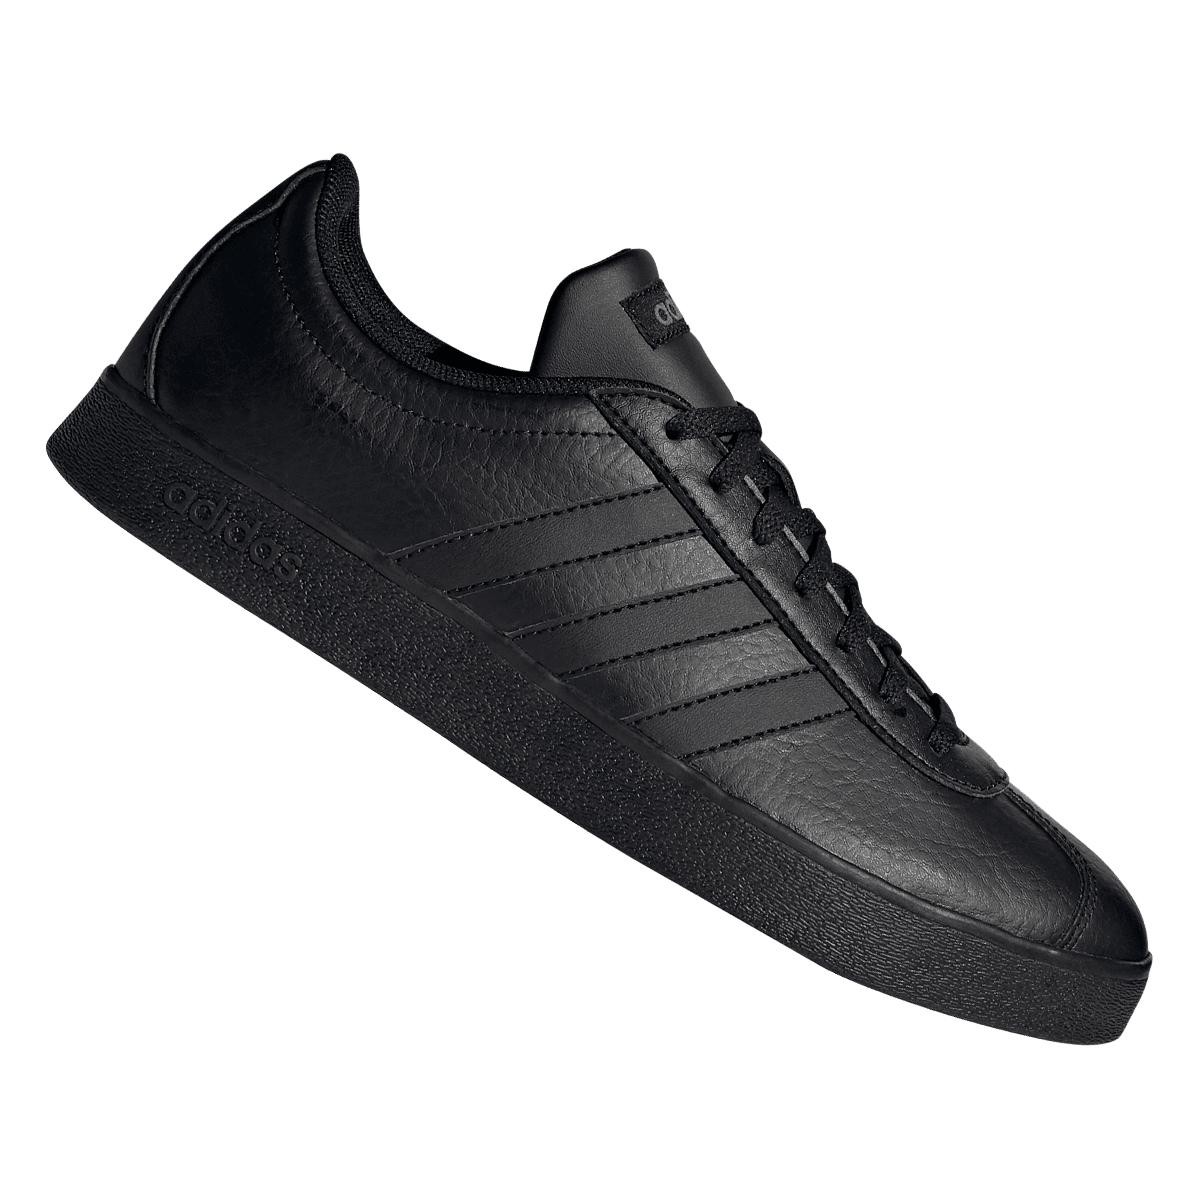 Adidas Freizeitschuh VL Court 2.0 Größen 39 - 49